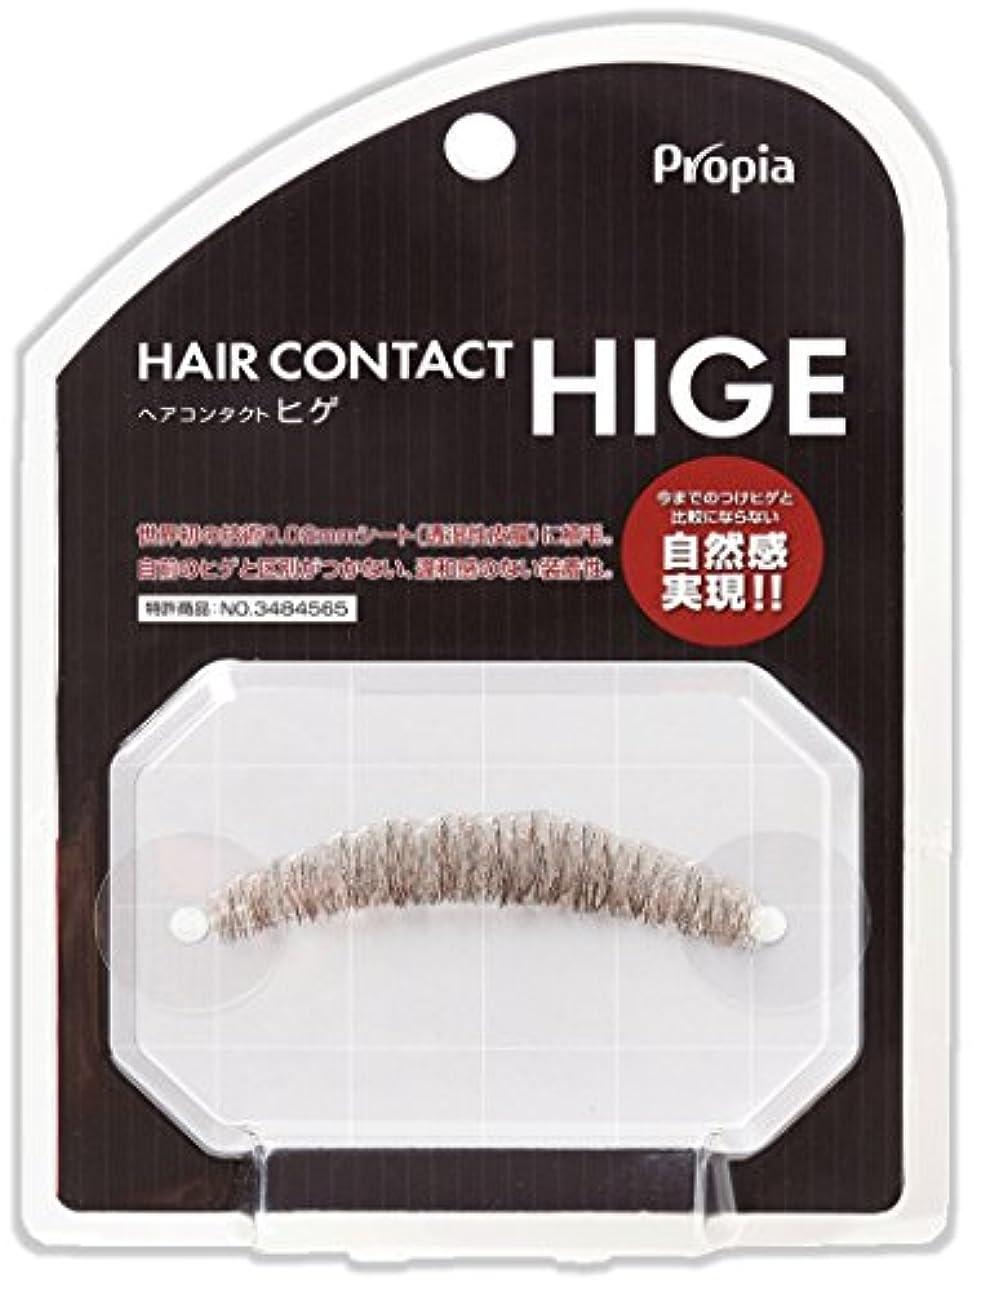 ビジョン代わりの広範囲HAIR CONTACT HIGE クチヒゲ ピラミダル